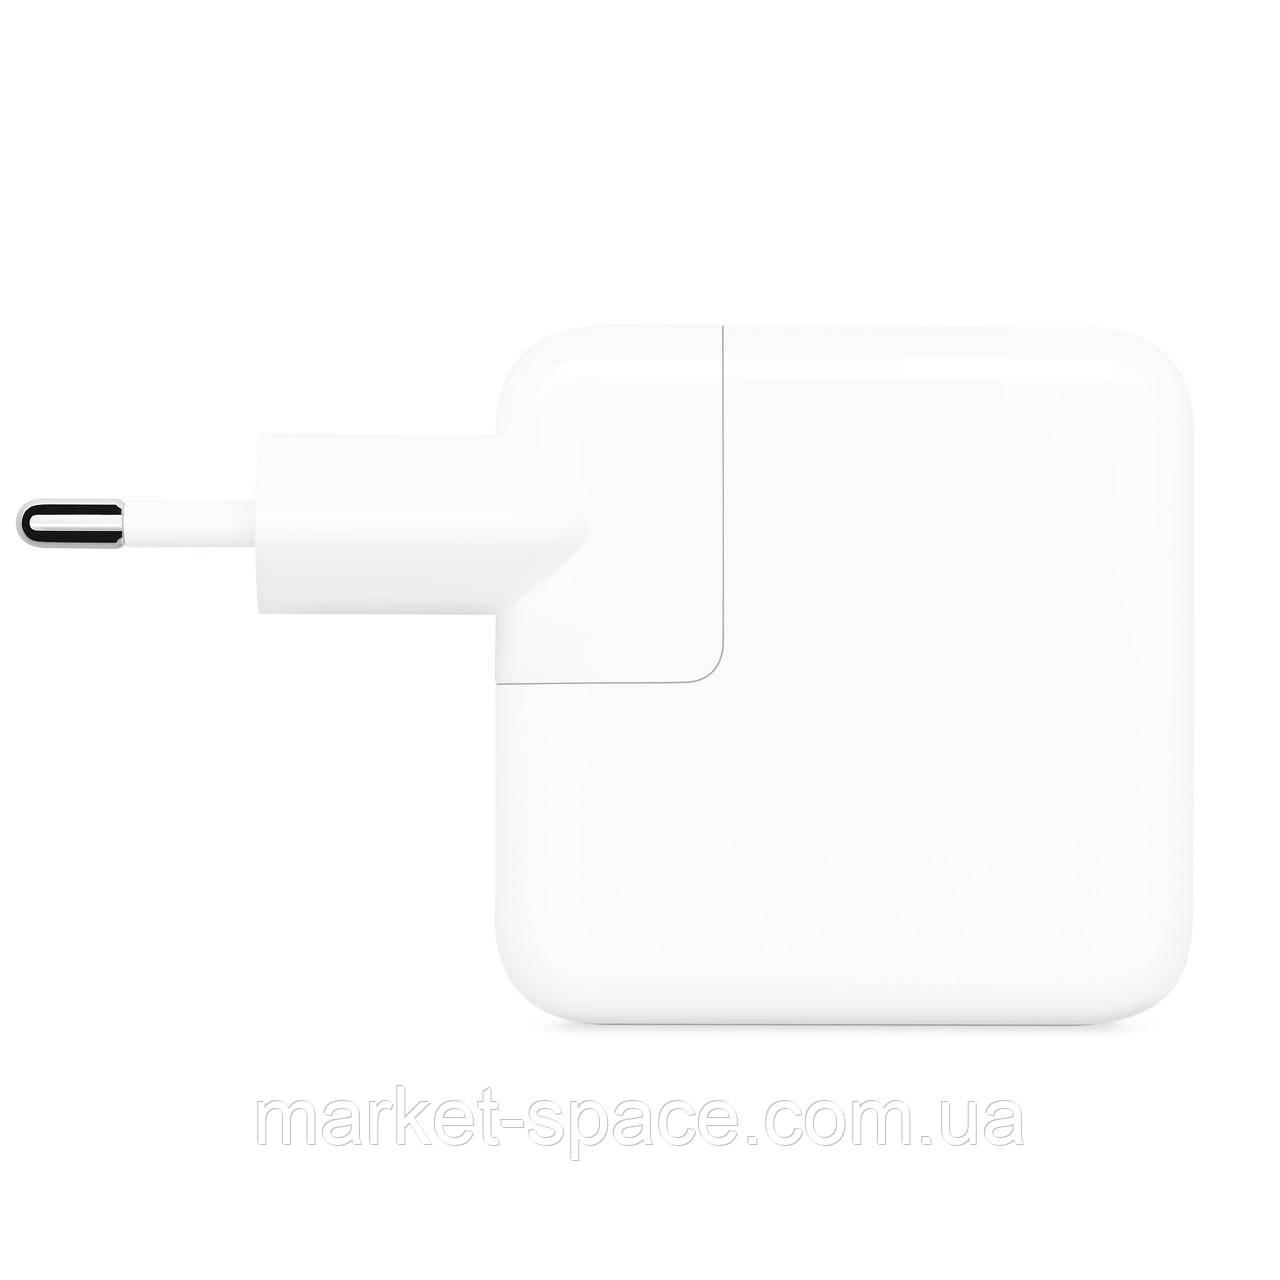 Блок питания для макбука Apple MacBook USB-C 30W